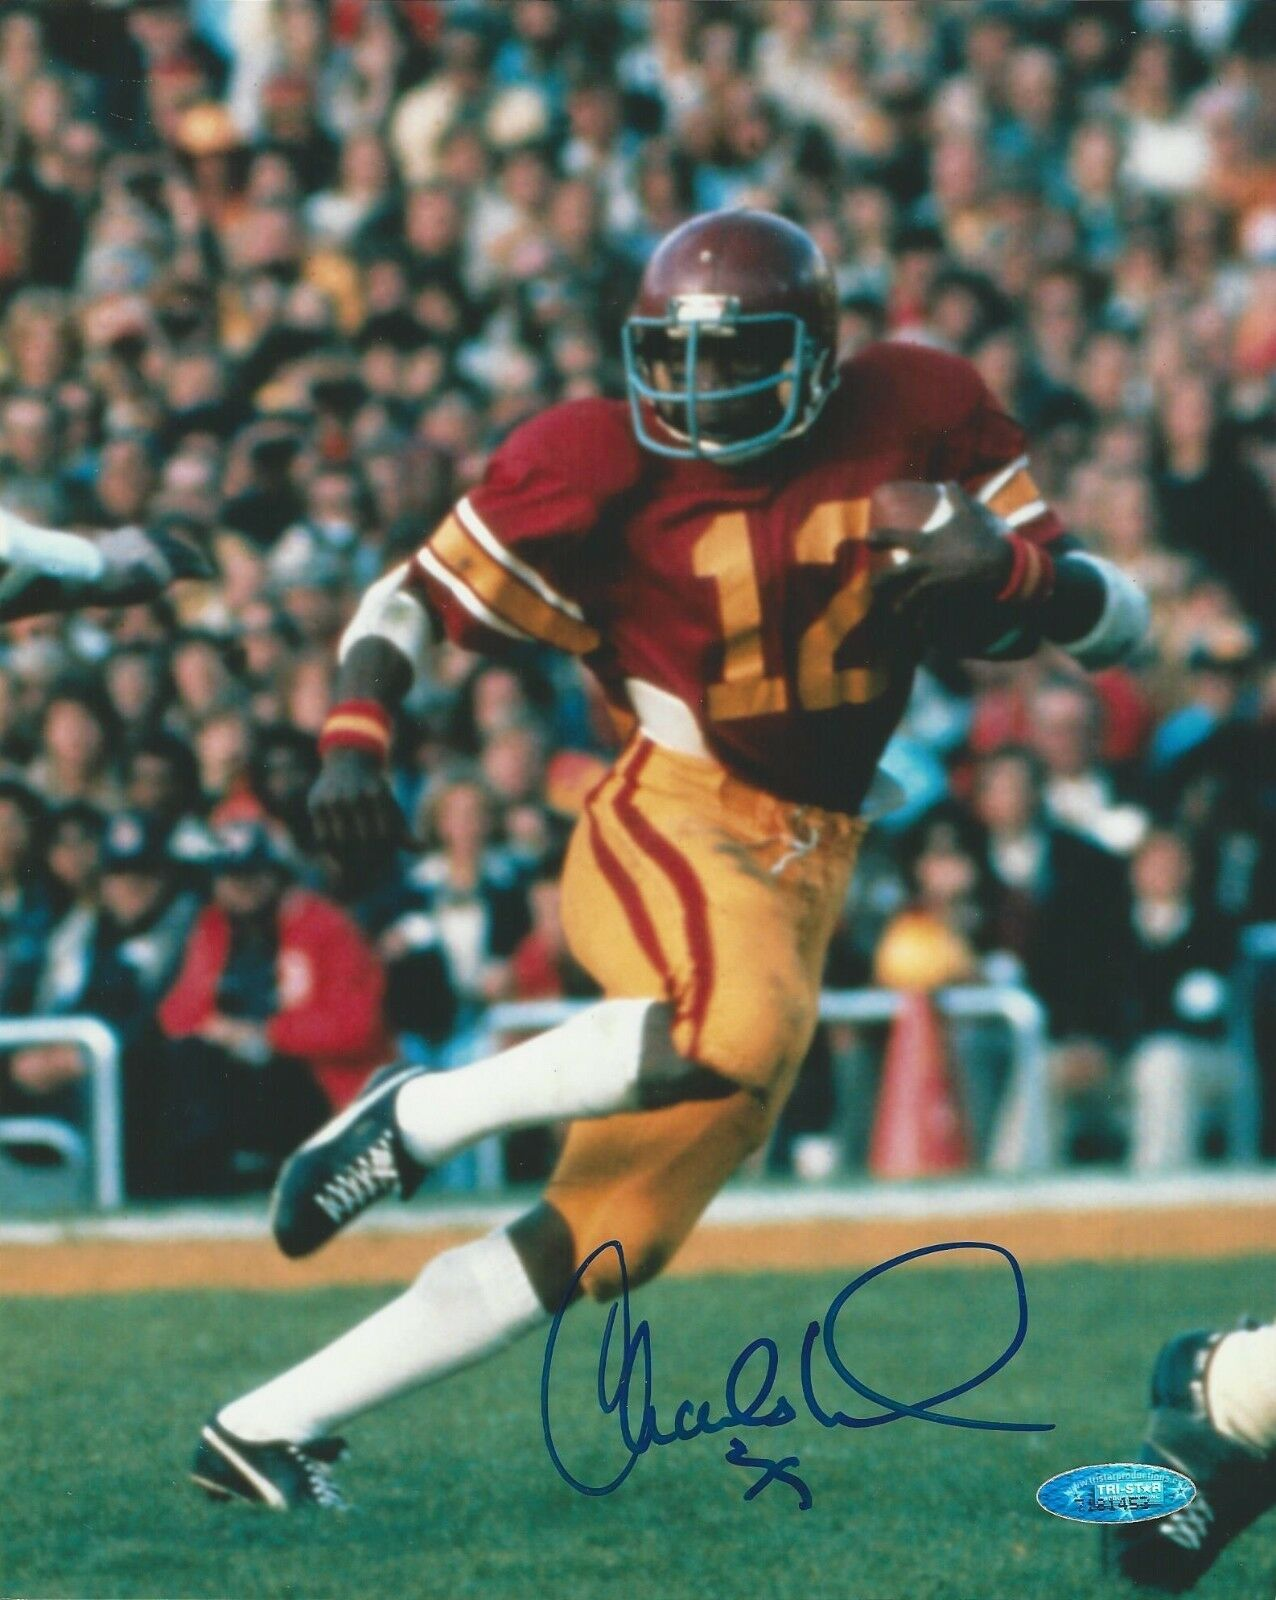 Charles White USC Trojans signed 8x10 photo Tristar COA# 7181453